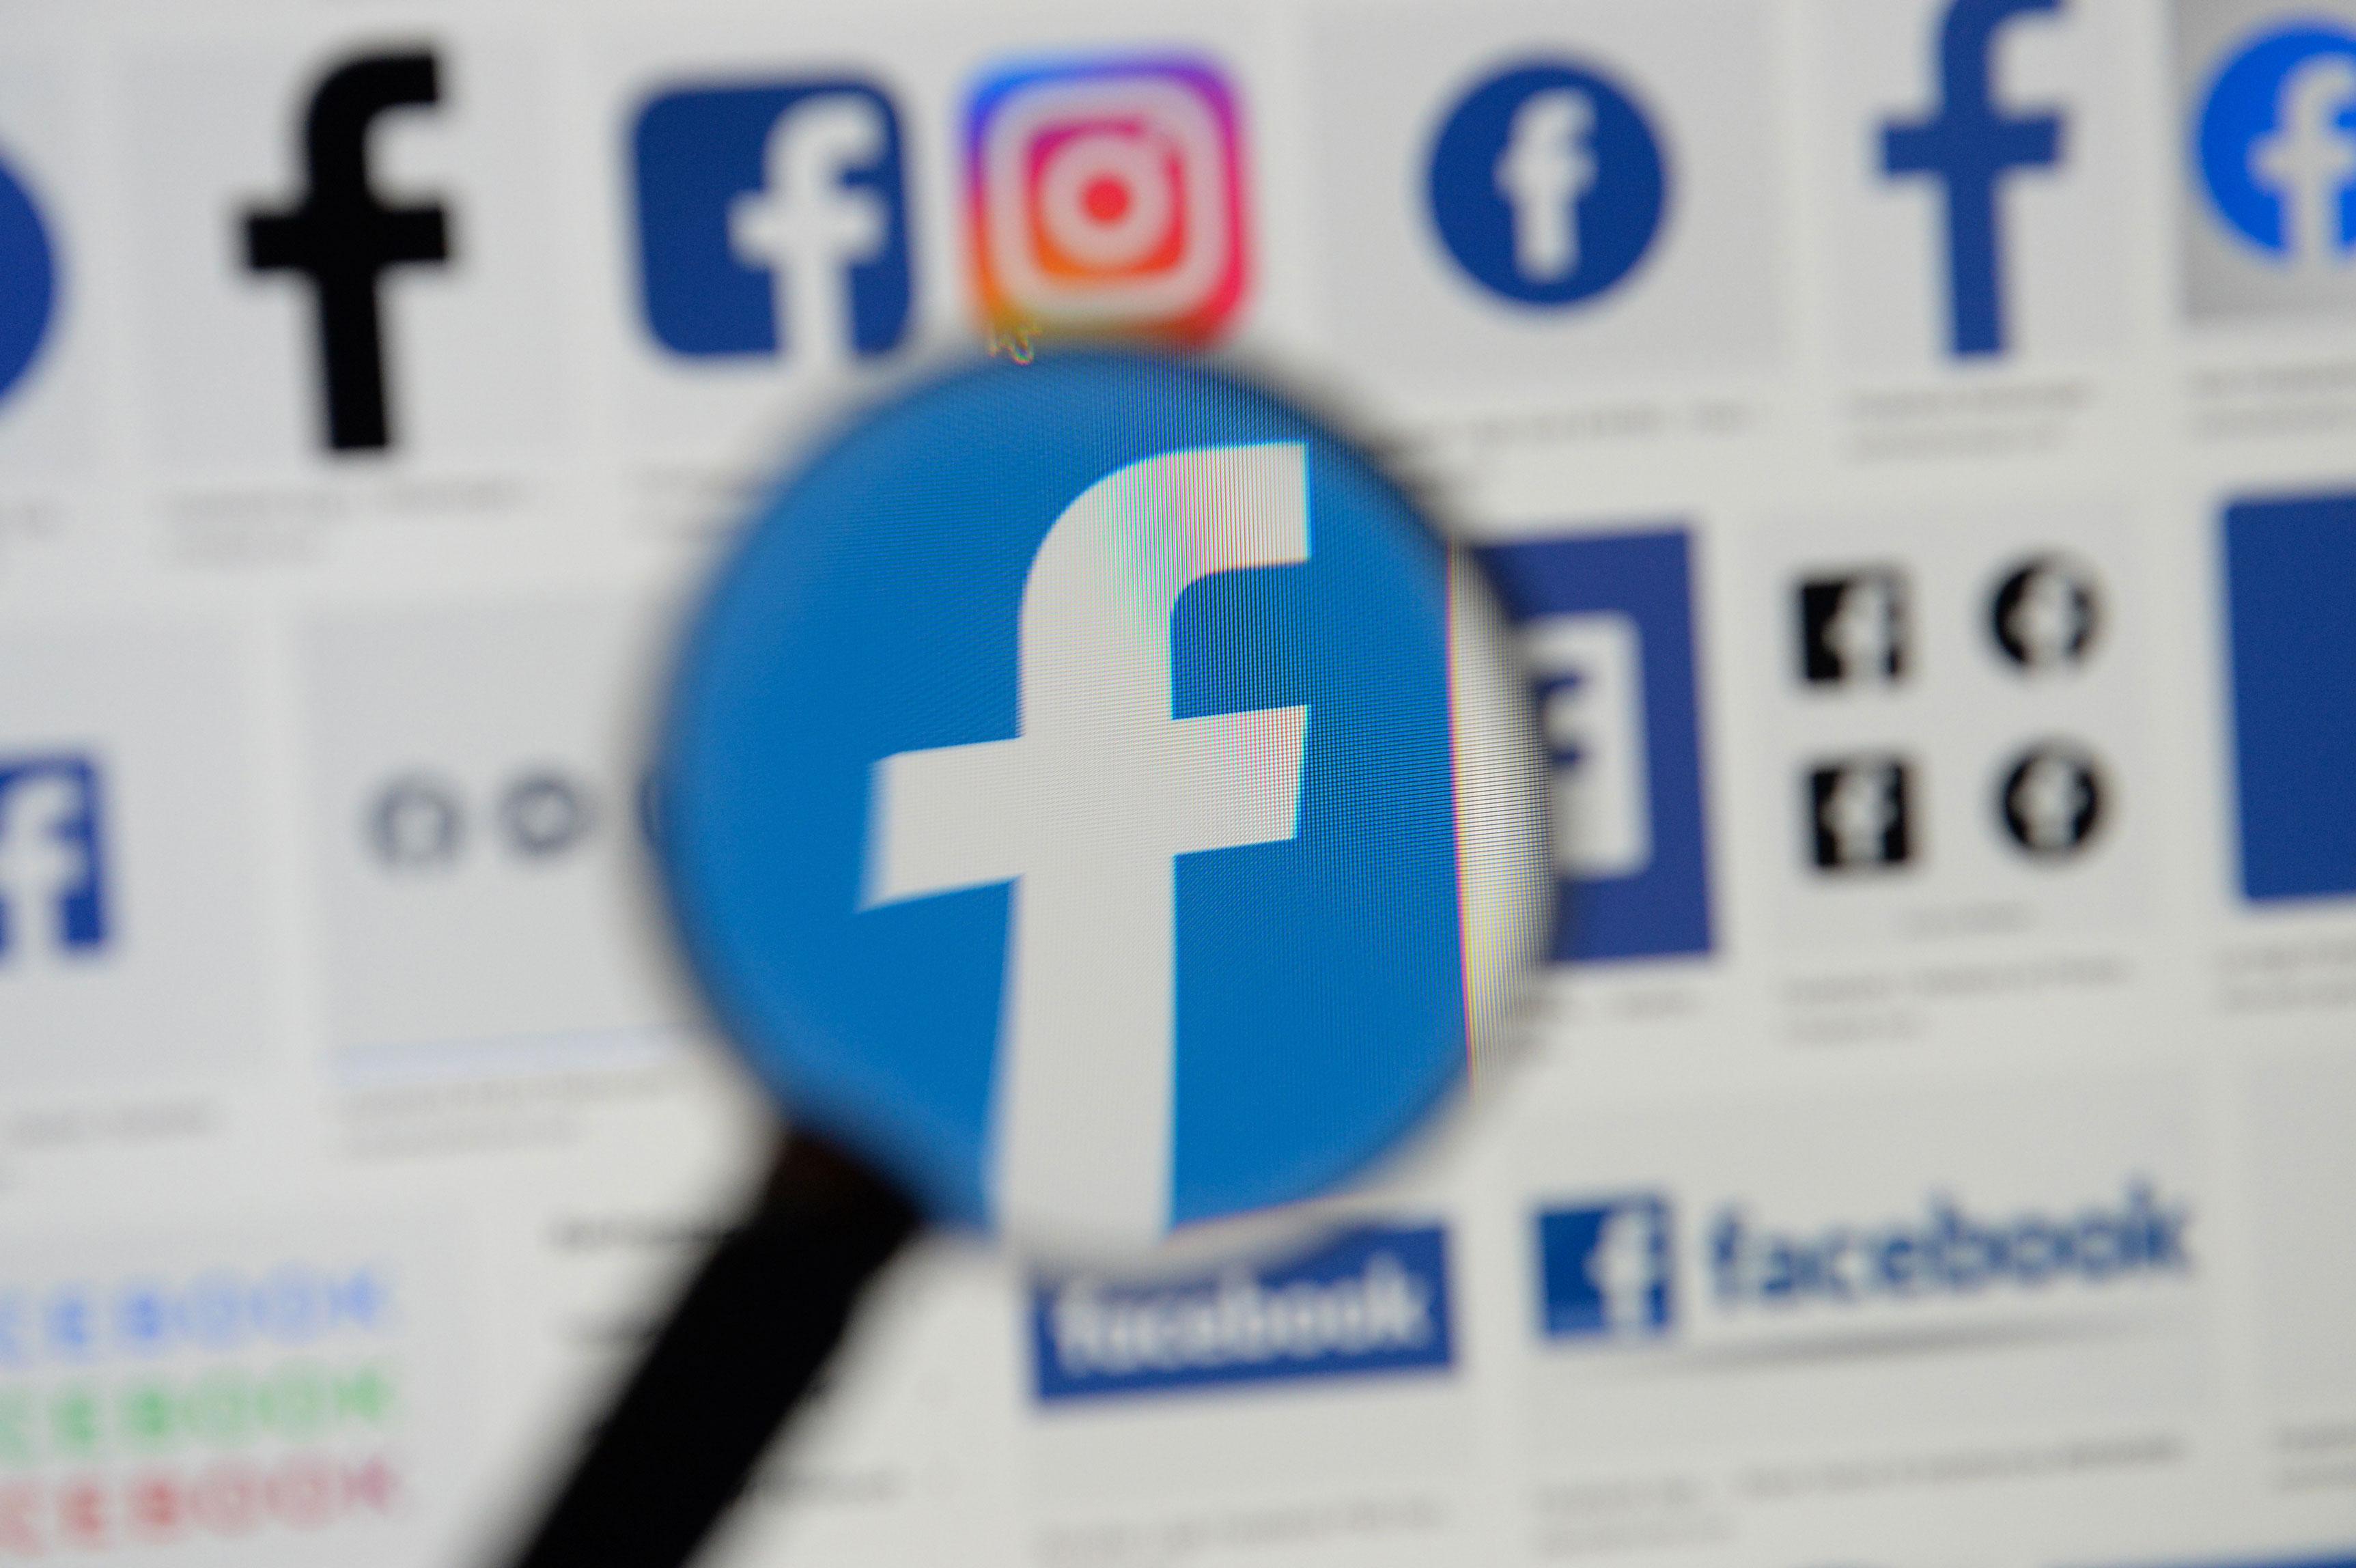 Ilustração com logos do Facebook